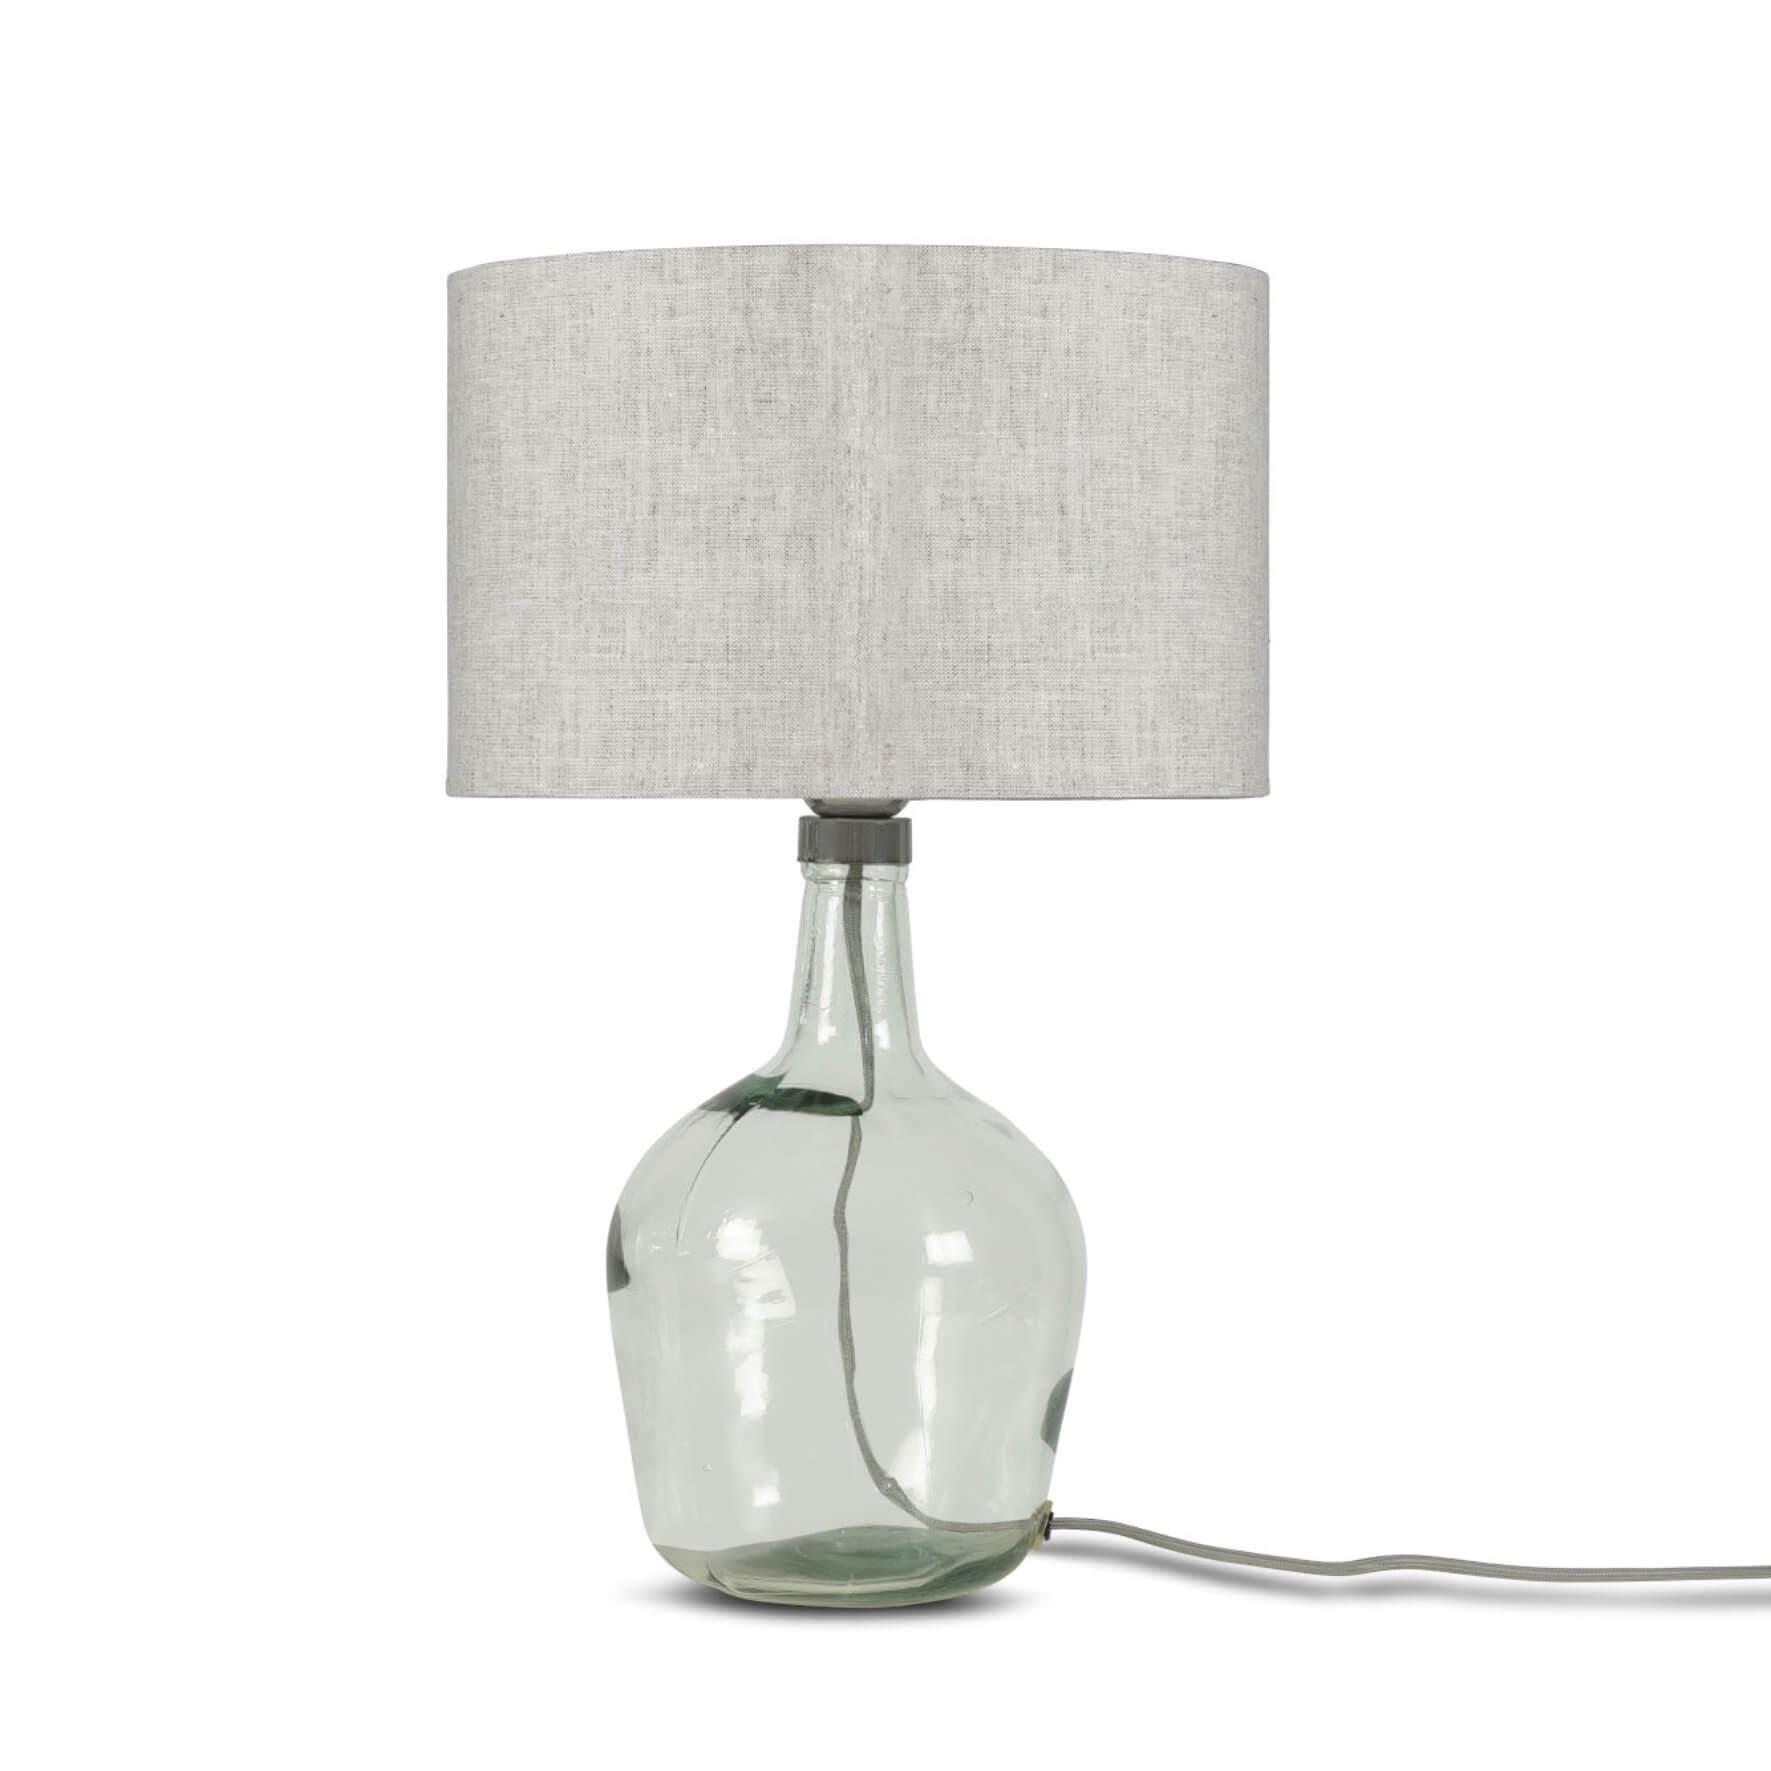 Lampe Murano en verre avec abat-jour gris clair